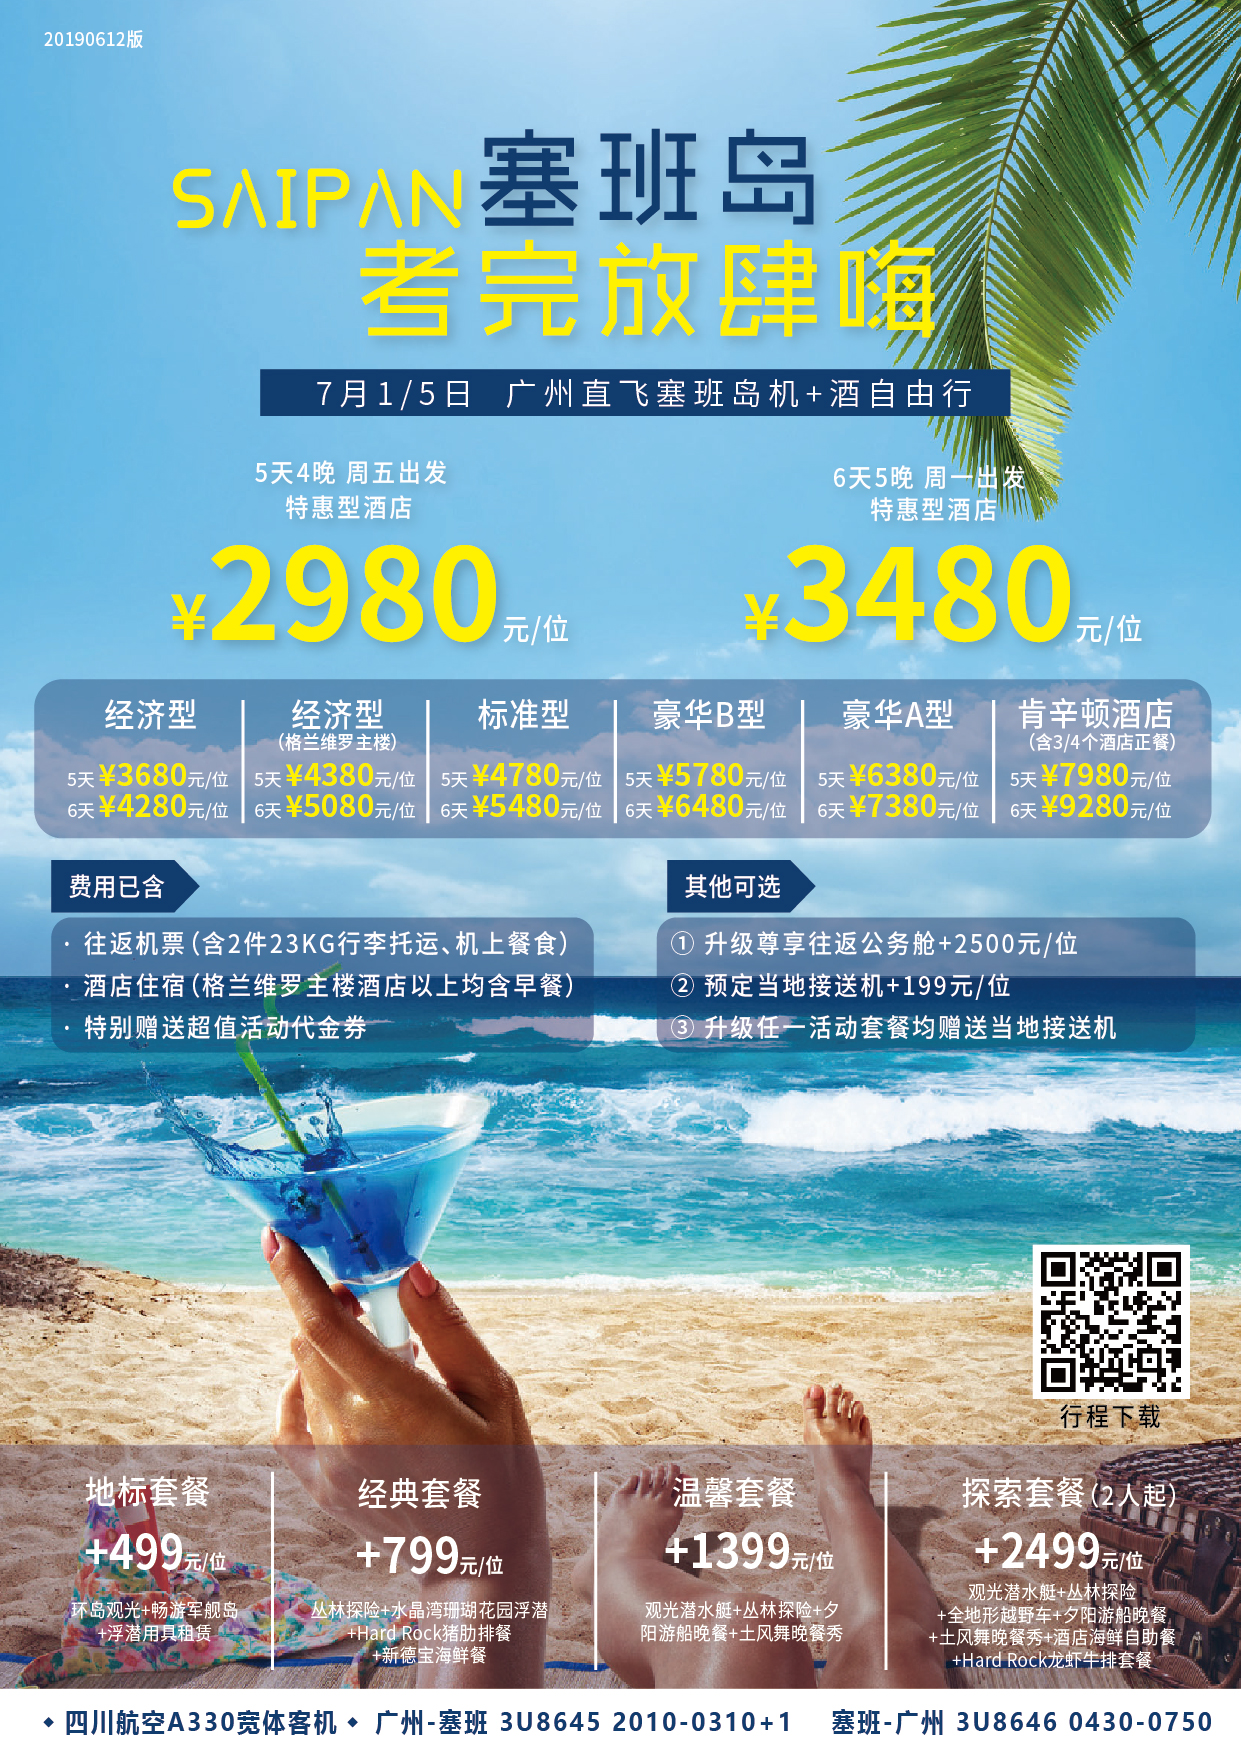 7月初自由行 特惠 经济反300 标准反400 豪华反500.jpg